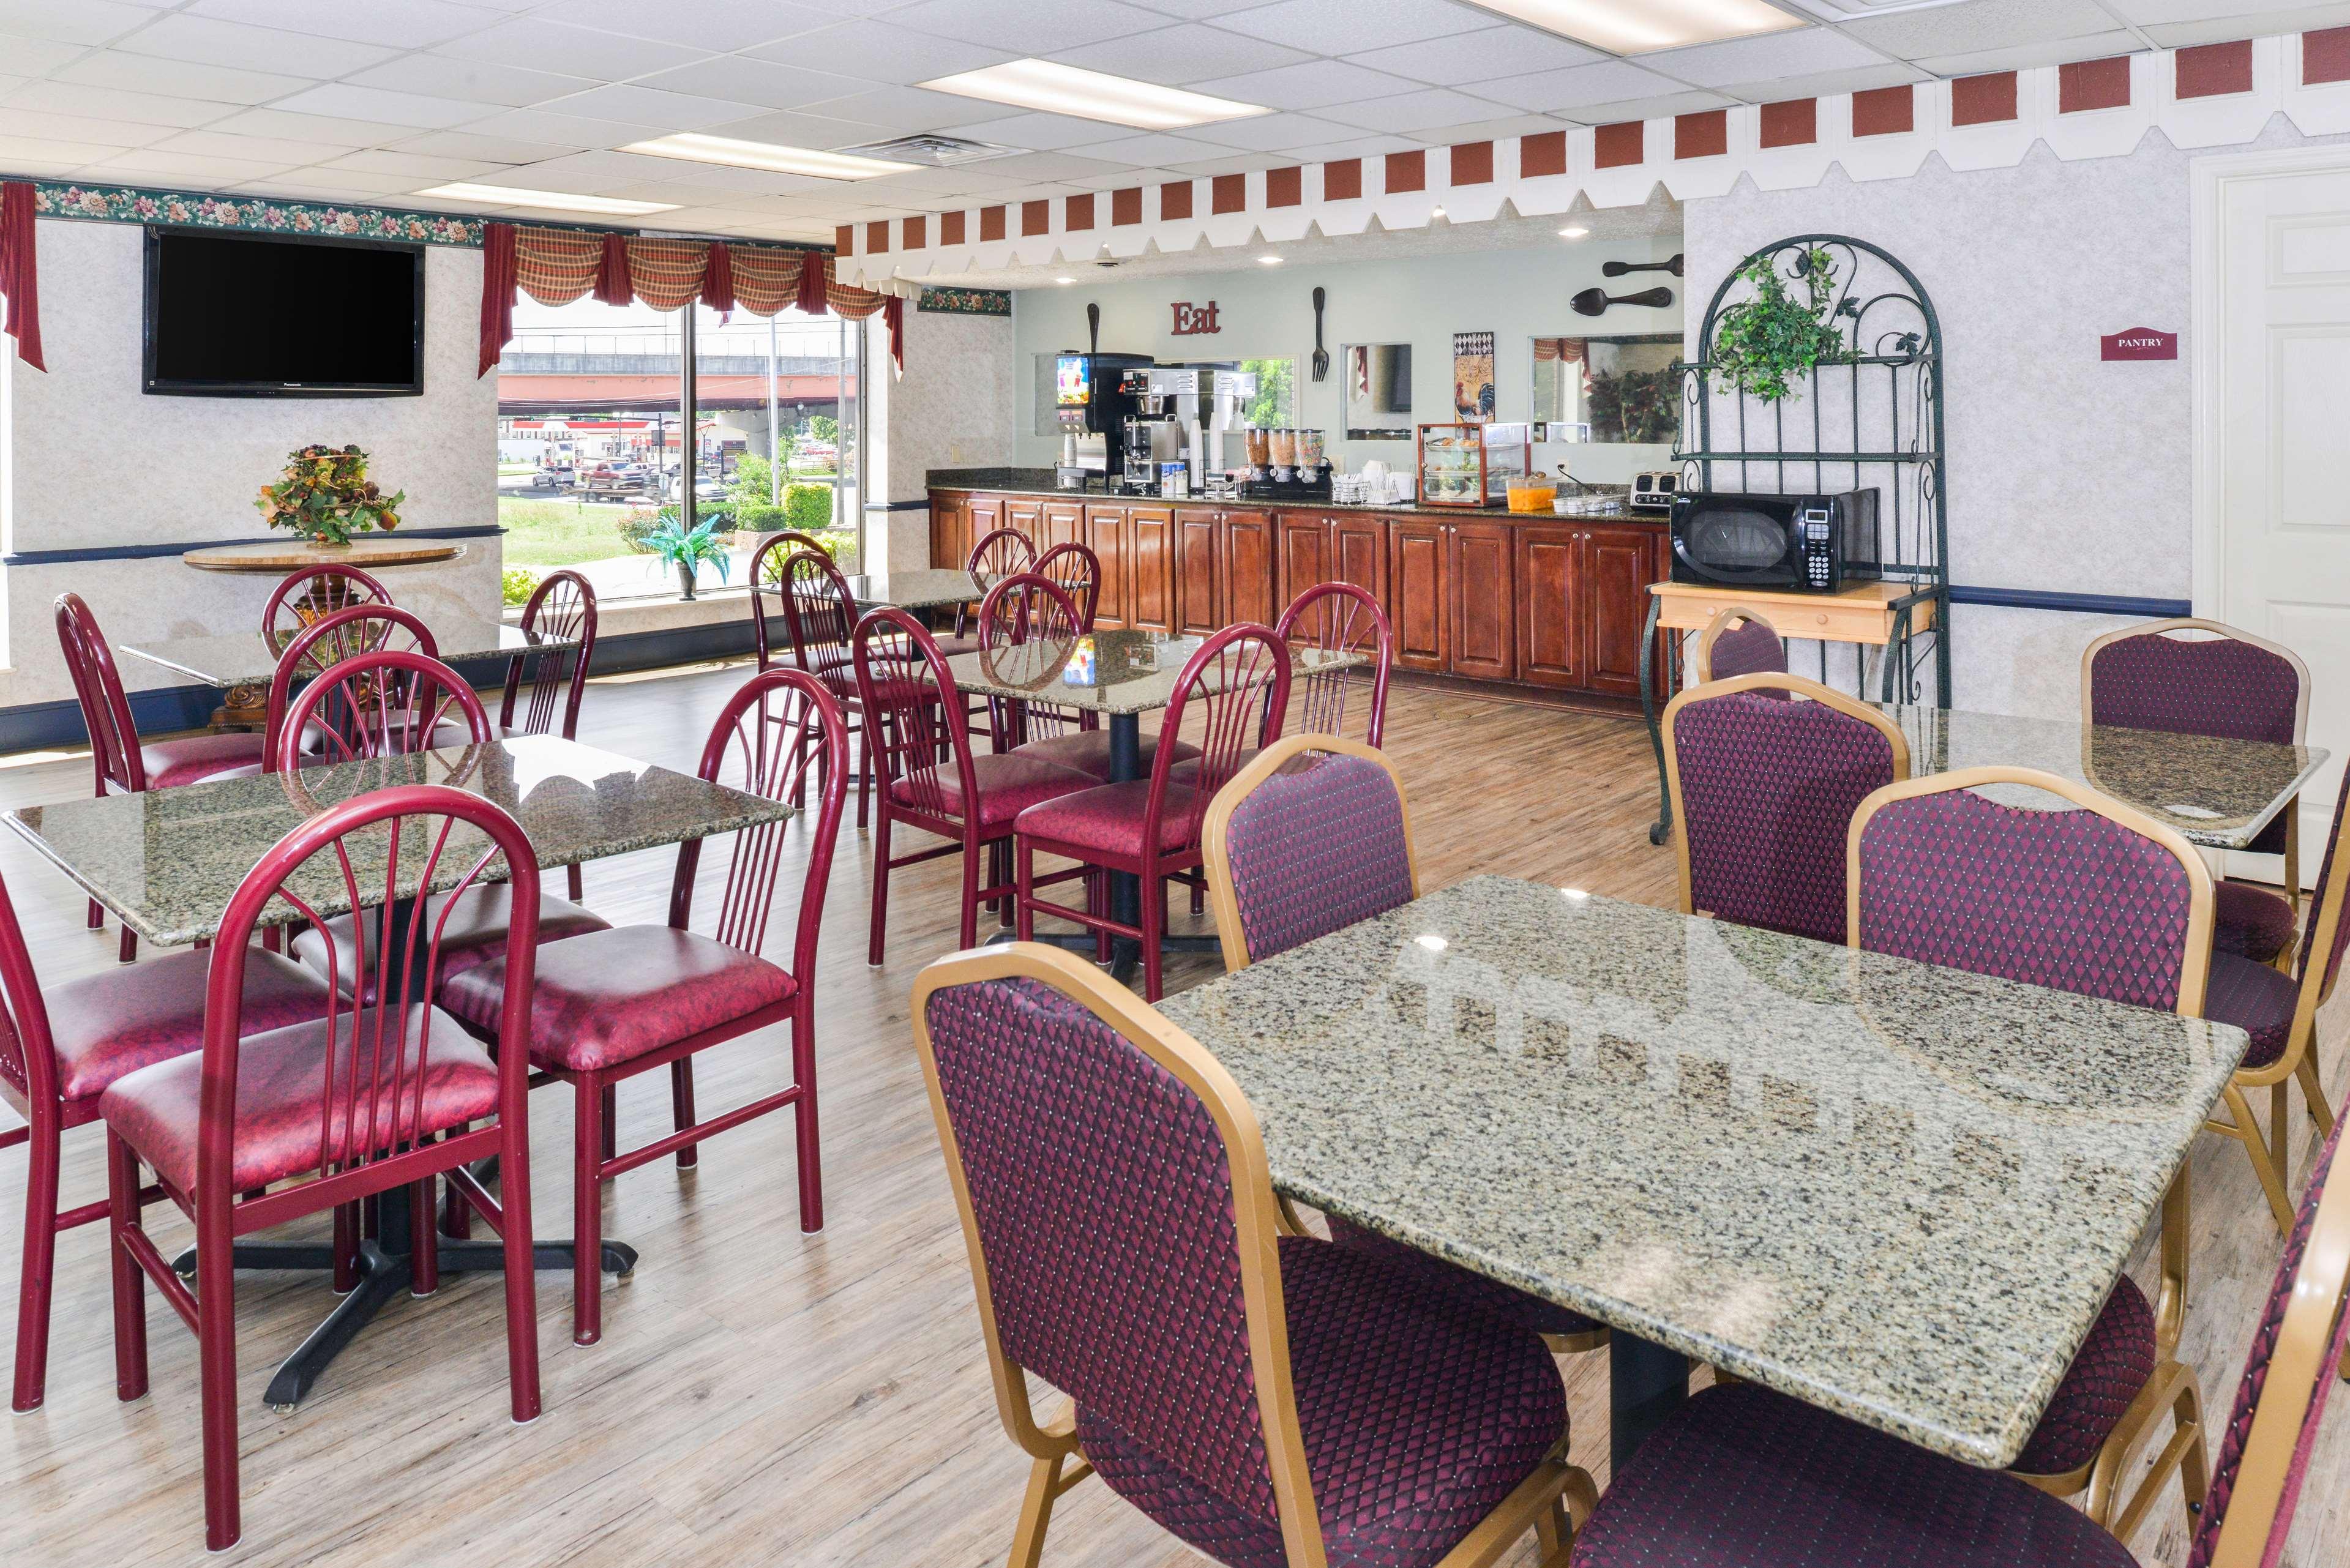 Americas best value inn goodlettsville n nashville for The rivergate